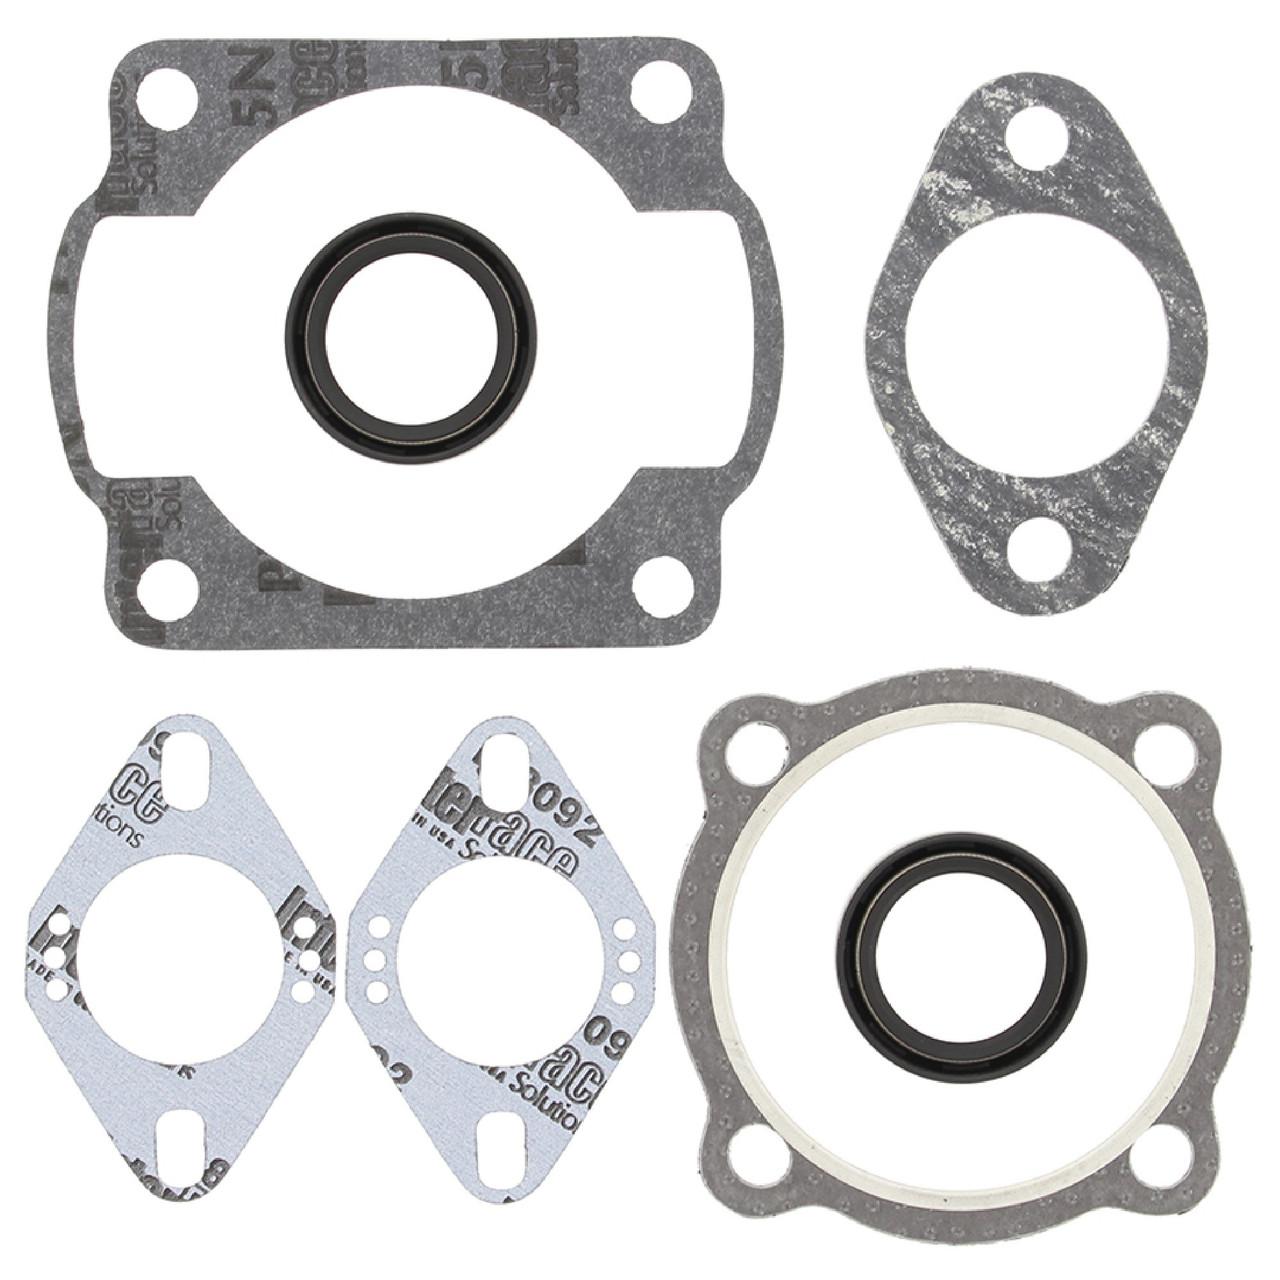 New Winderosa Gasket Kit for Kohler K295-1T FC//1 00 K309-1T FC//1 00